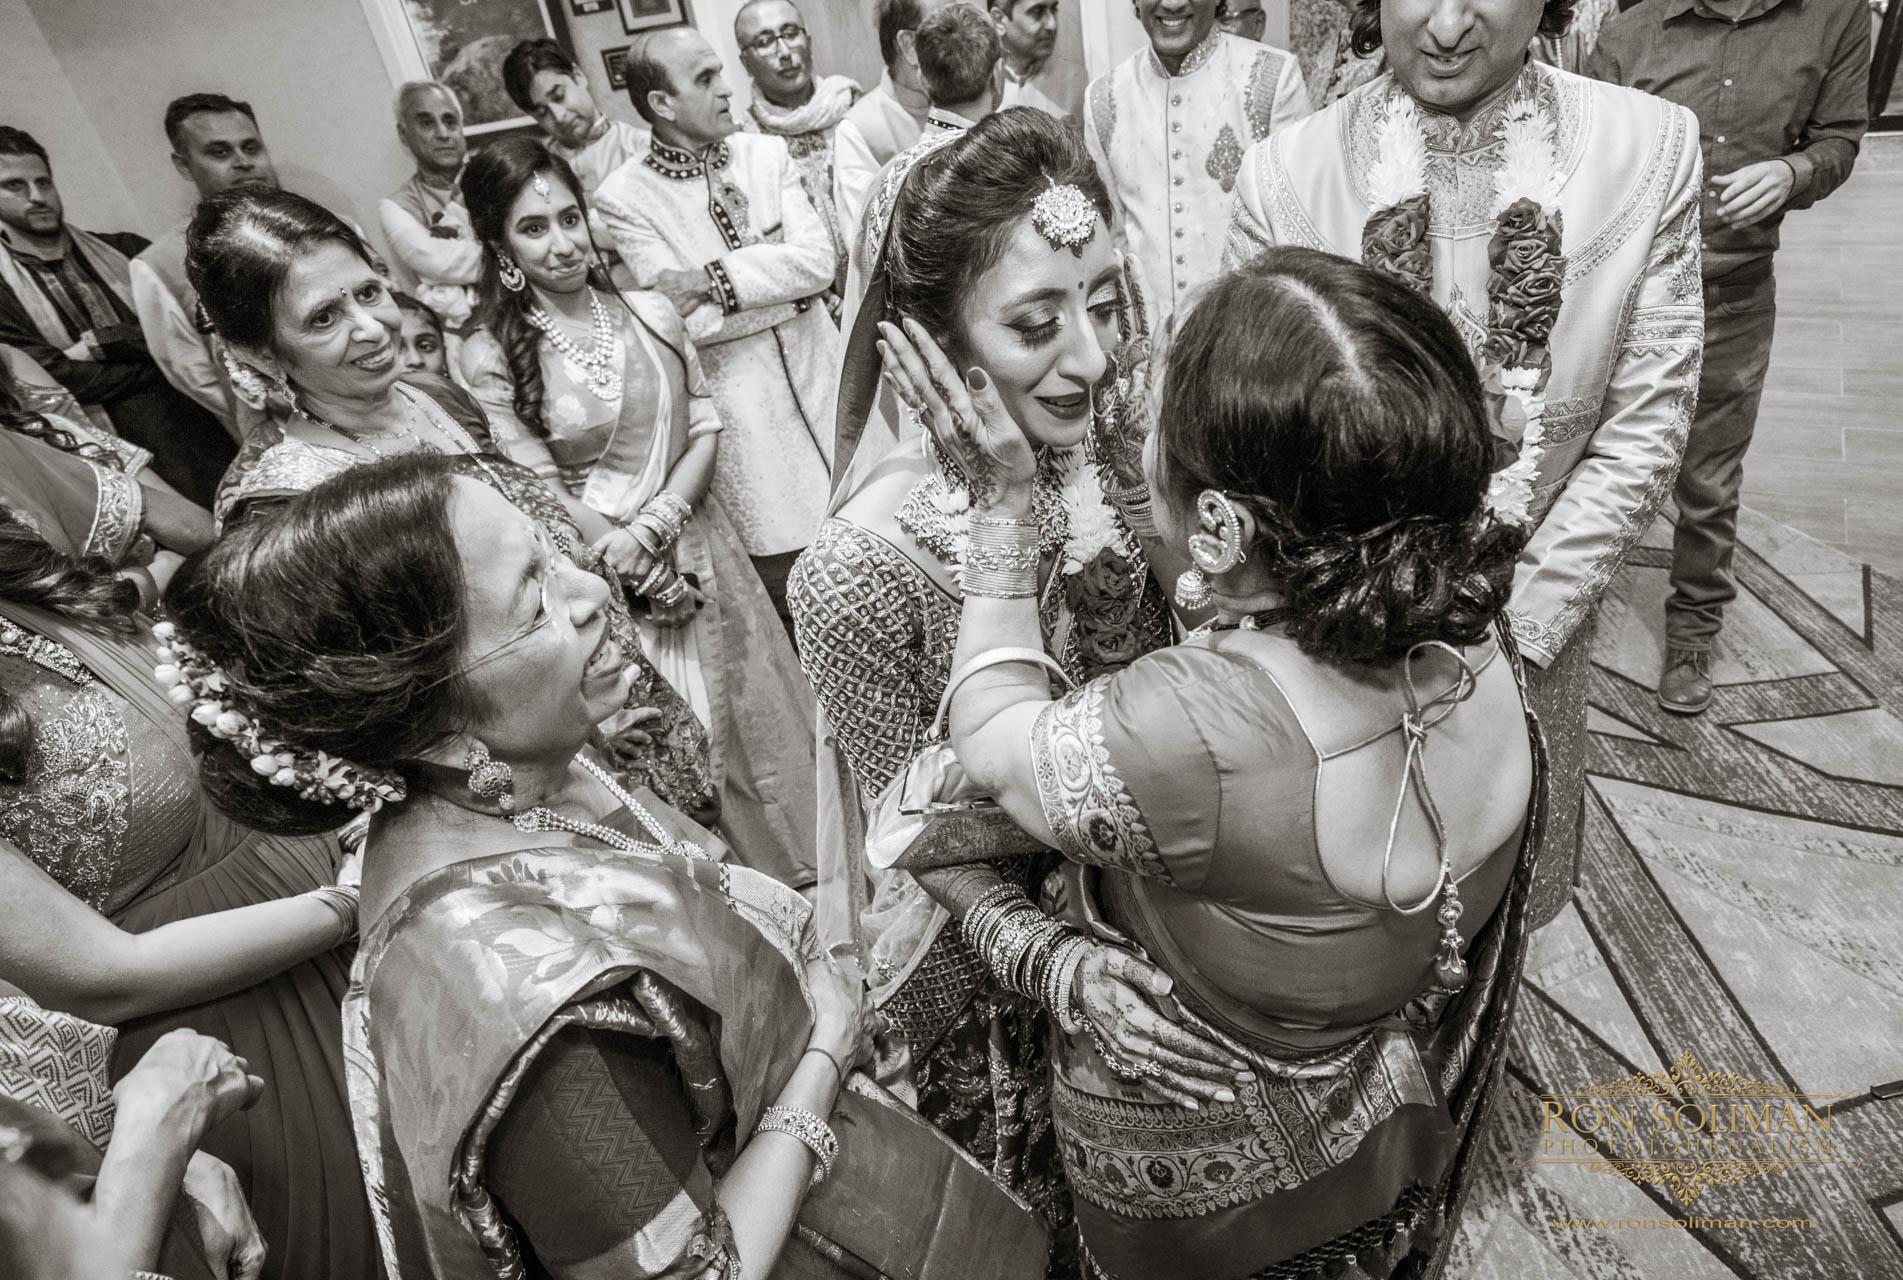 SHERATON MAHWAH INDIAN WEDDING 15